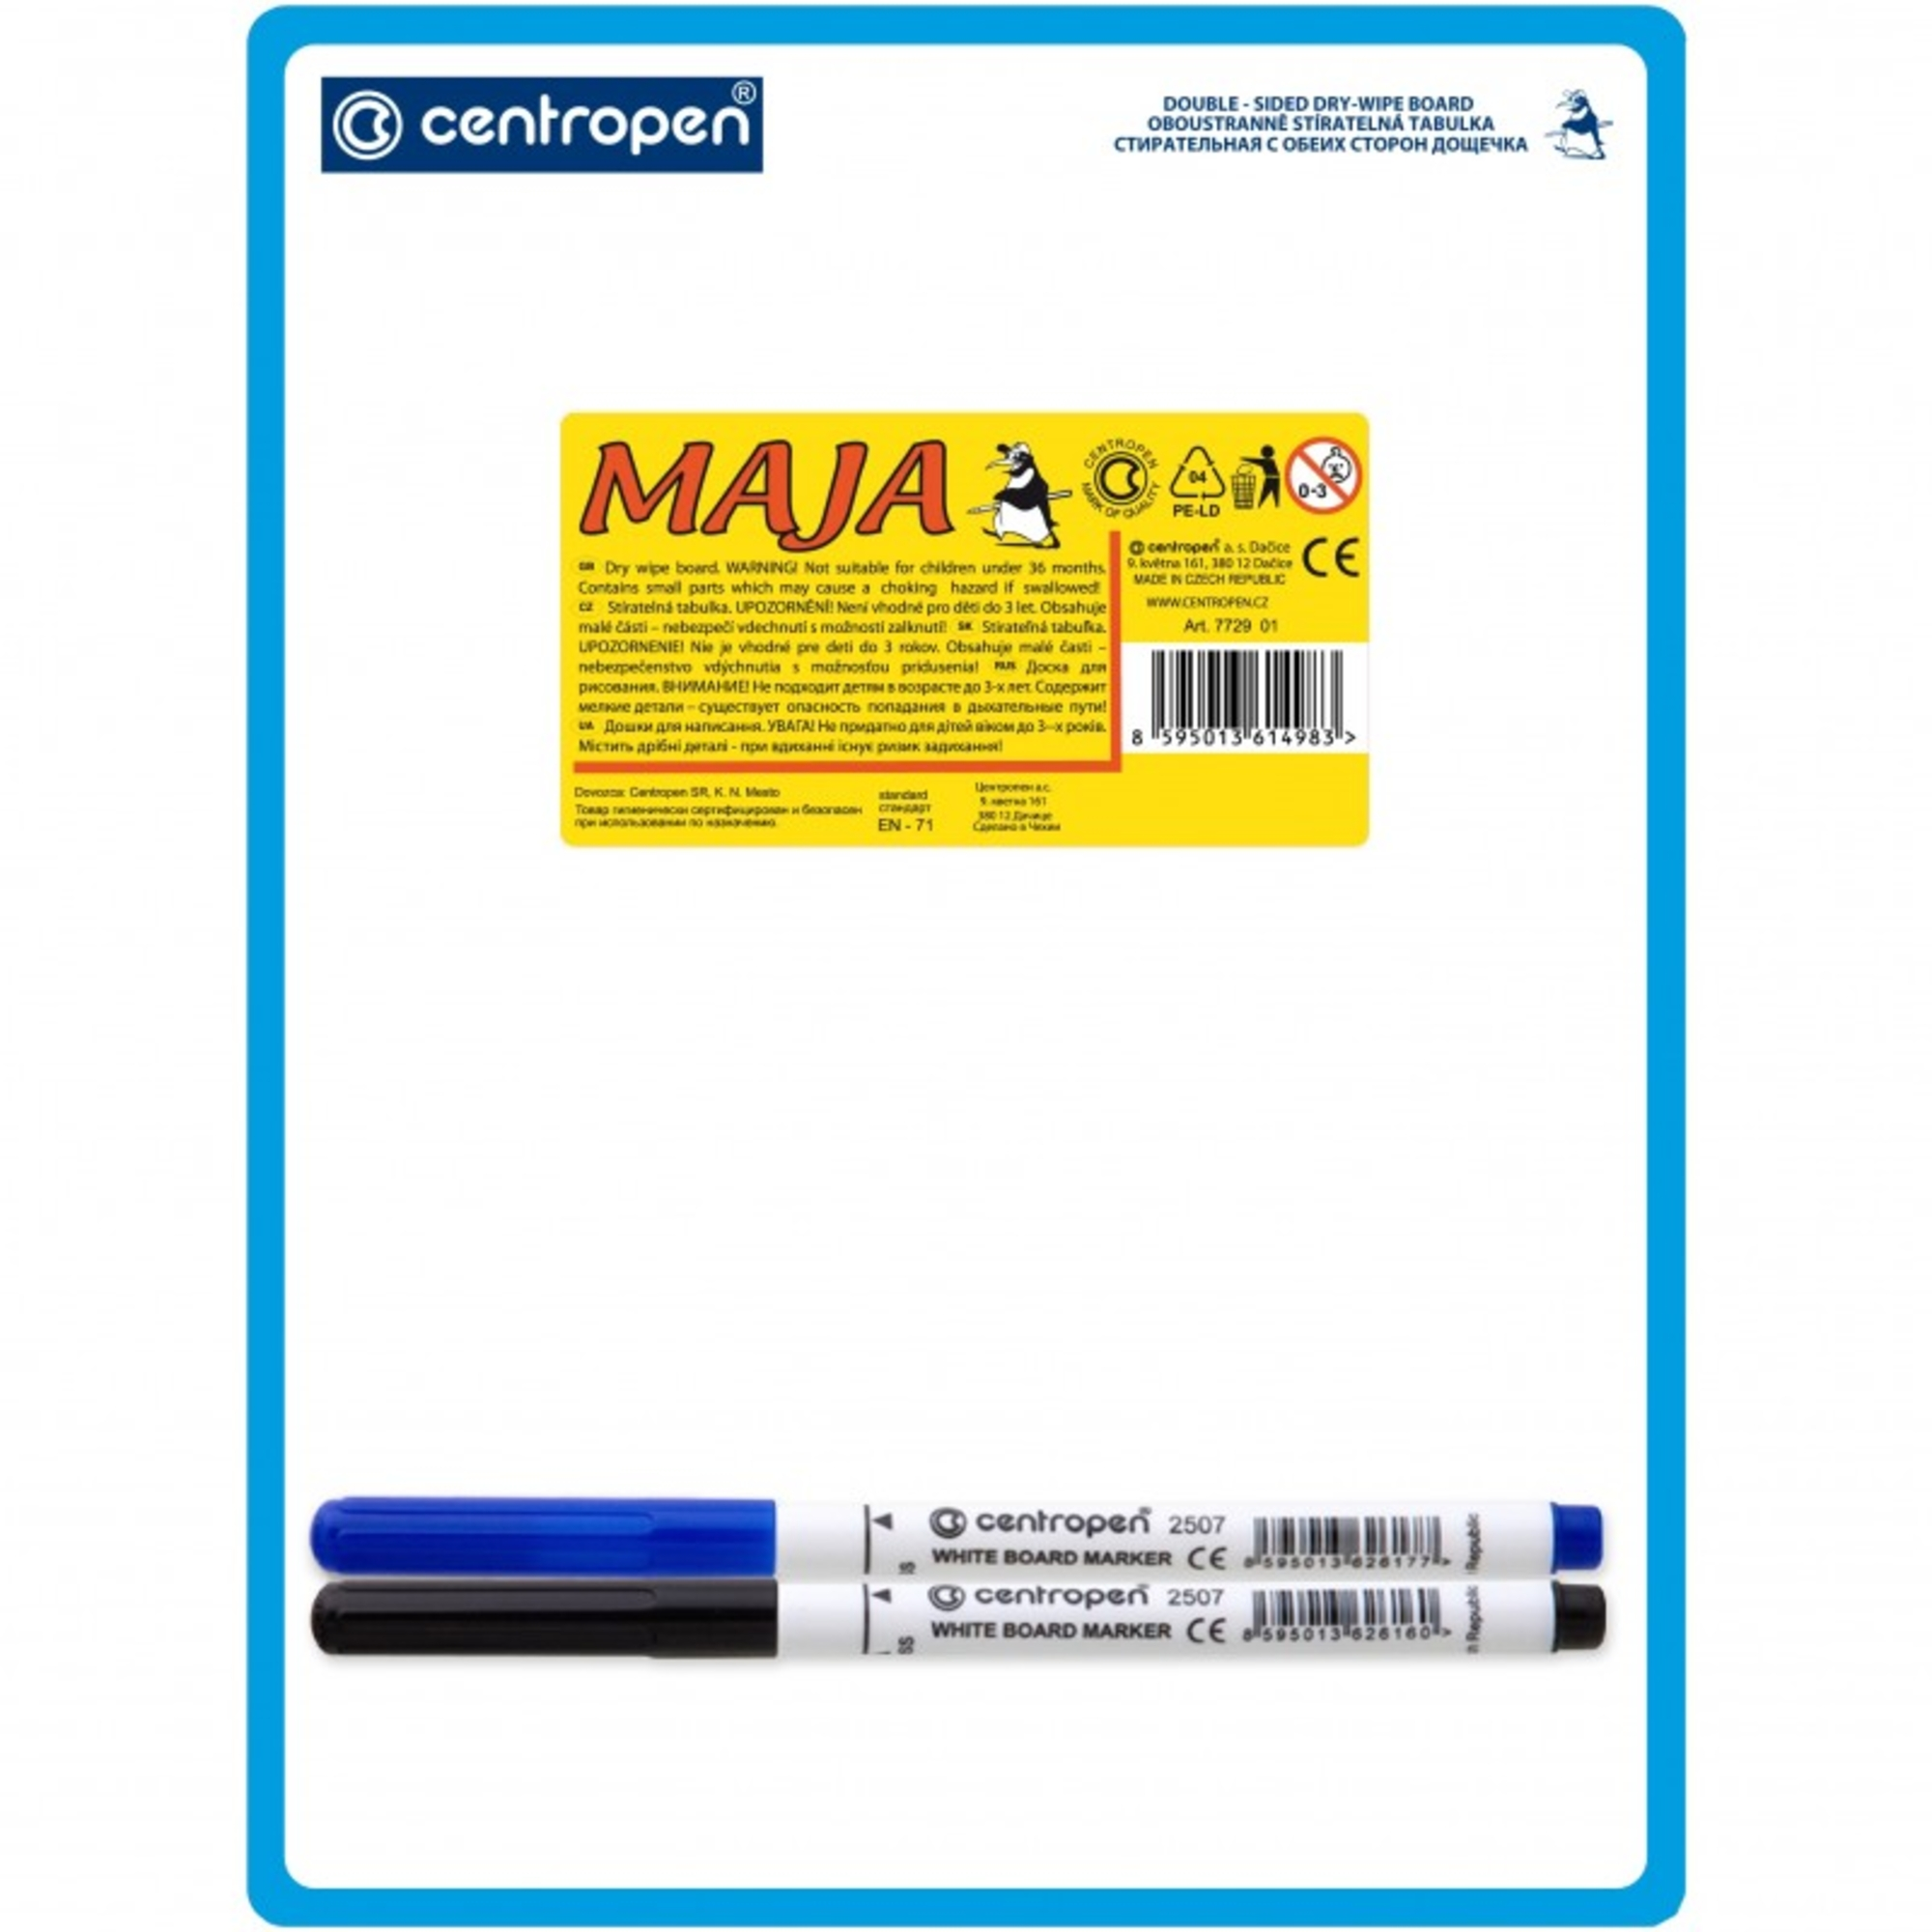 Centropen Maja tabulka oboustranně stíratelná 7729